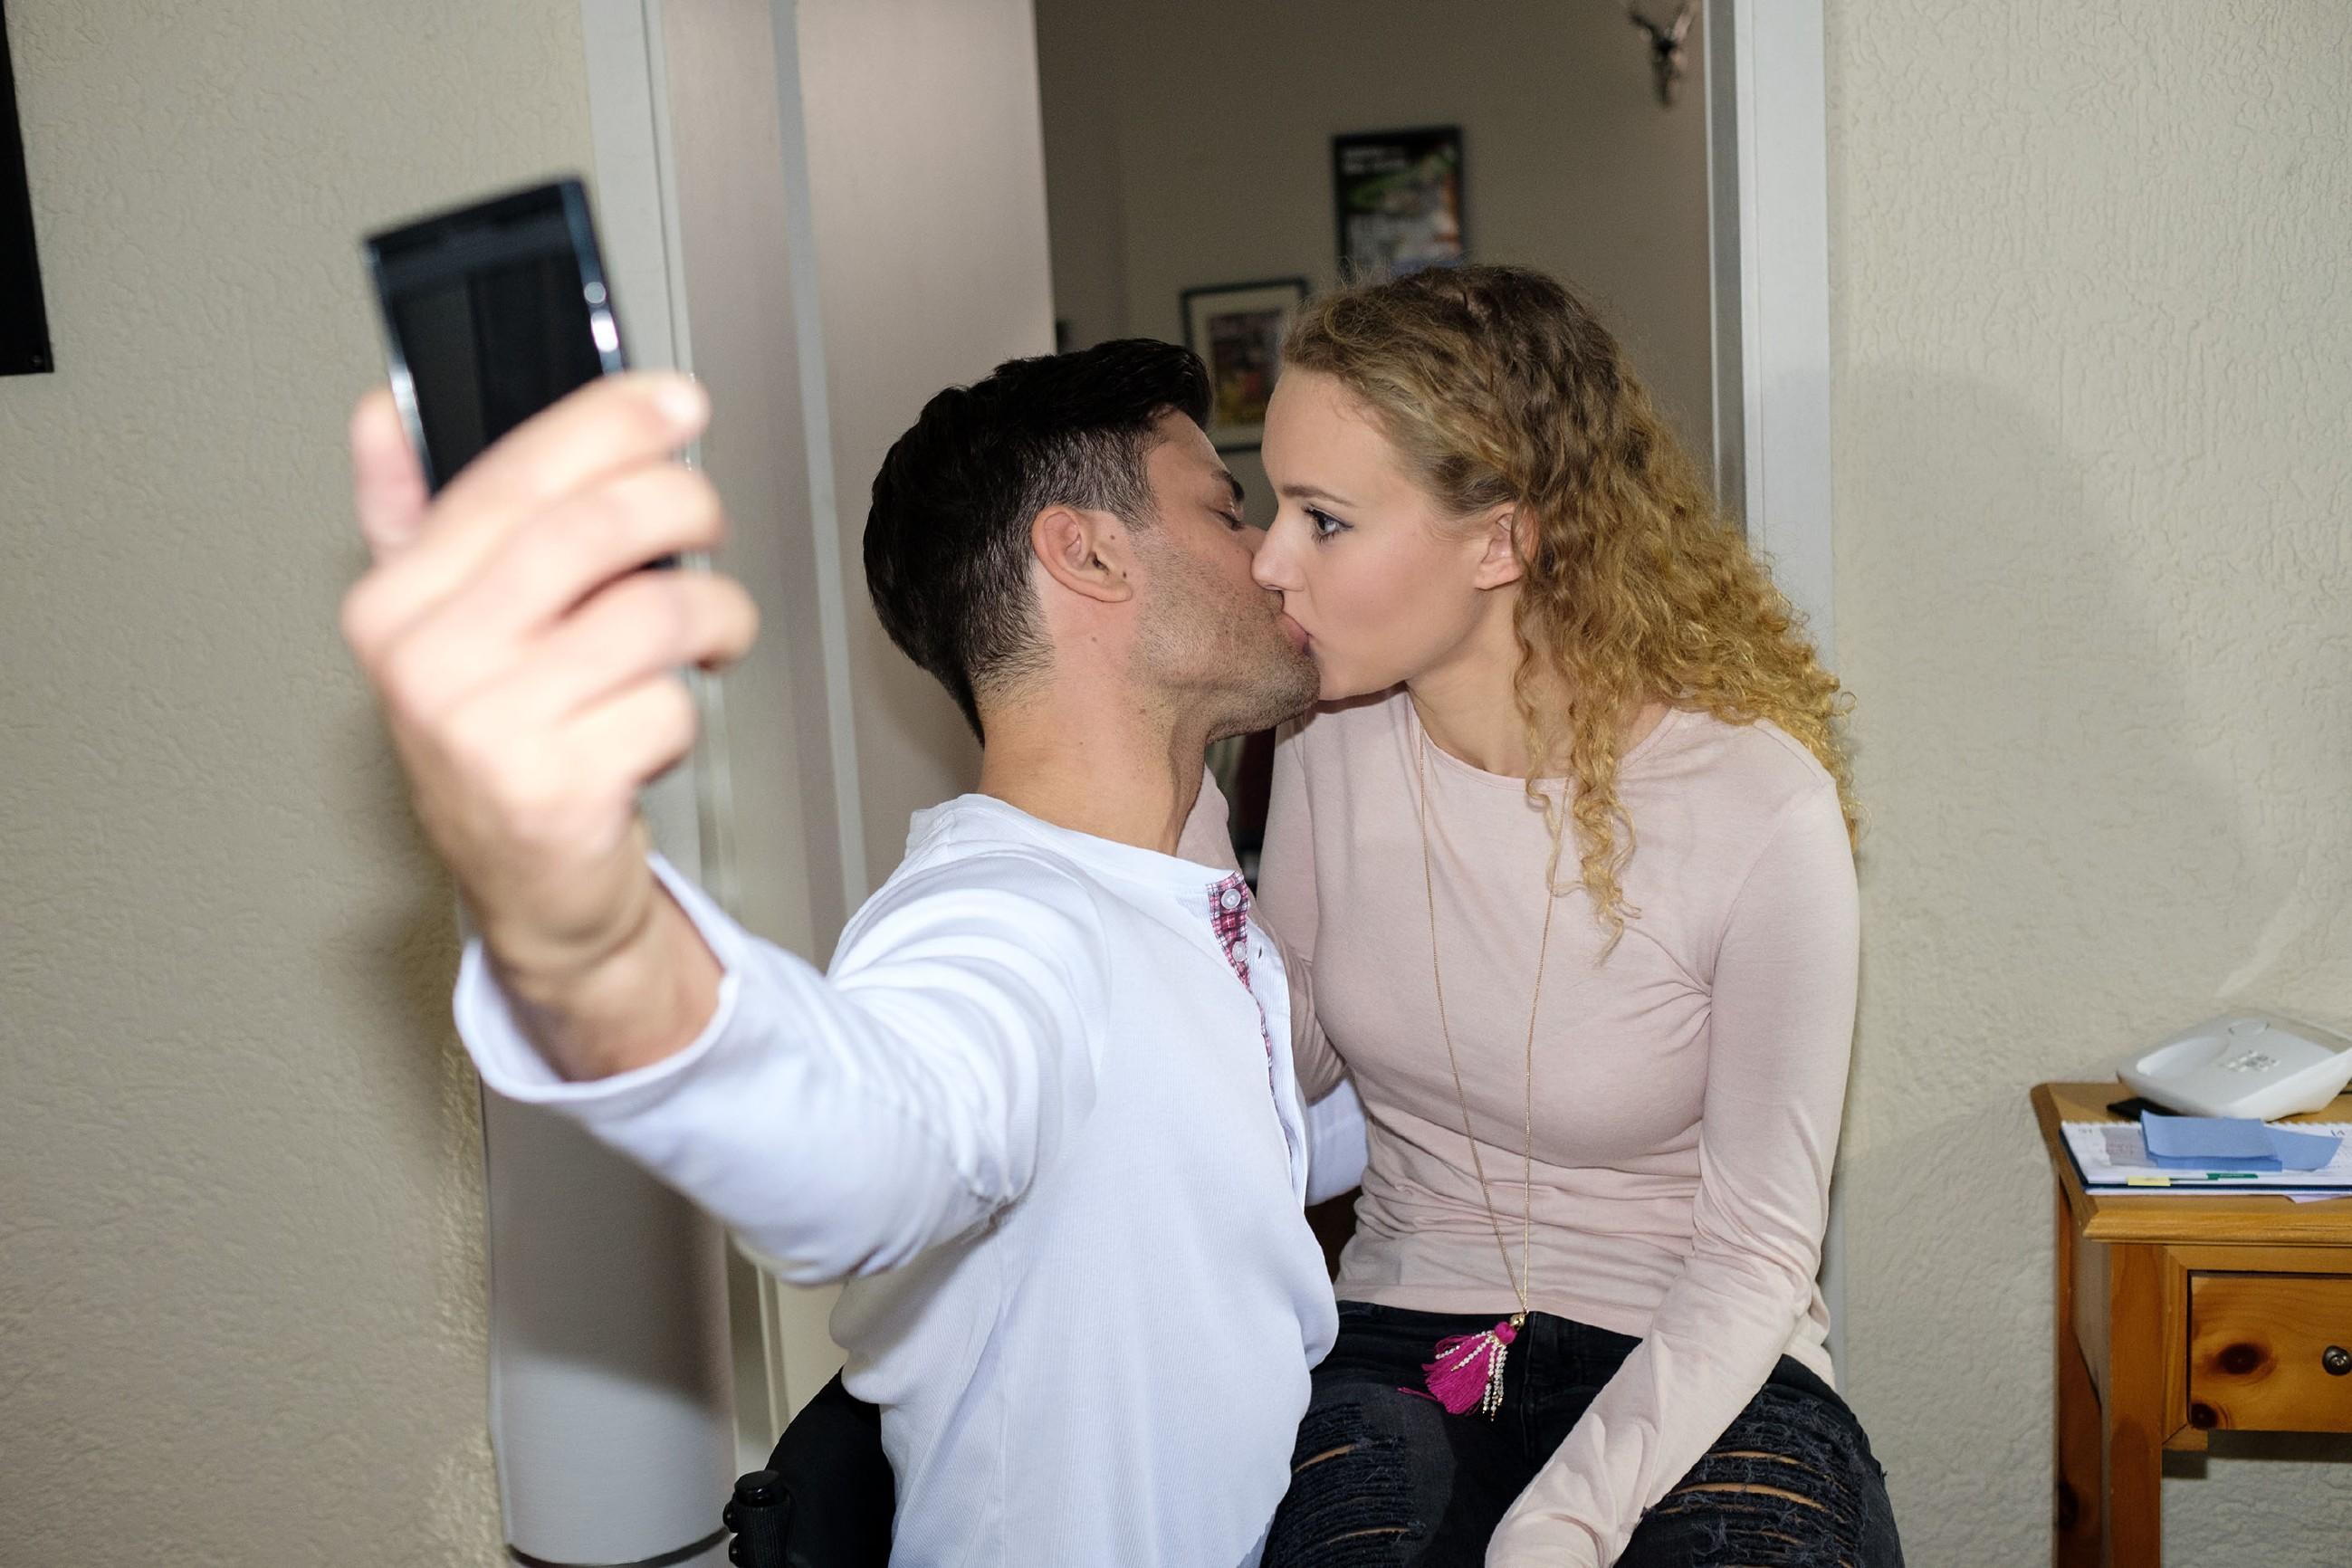 Als Paco (Milos Vukovic) sie für die Werbekampagne küsst, wird KayC (Pauline Angert) bewusst, dass er ihr emotional immer näher kommt... (Quelle: RTL / Stefan Behrens)